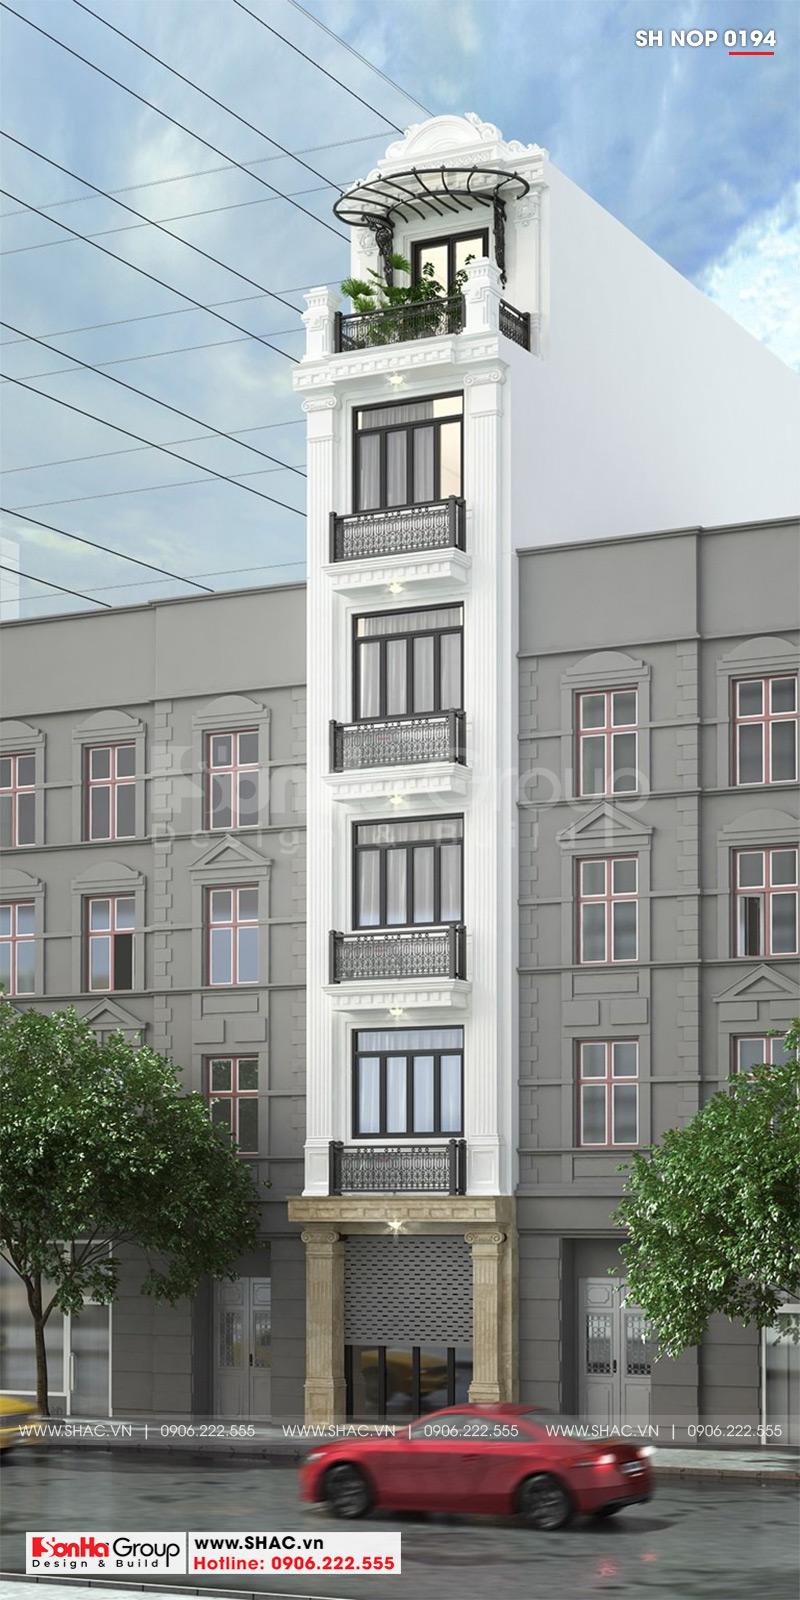 Thiết kế nhà ống tân cổ điển đẹp tại Quảng Ninh với 6 tầng bố trí hợp lý